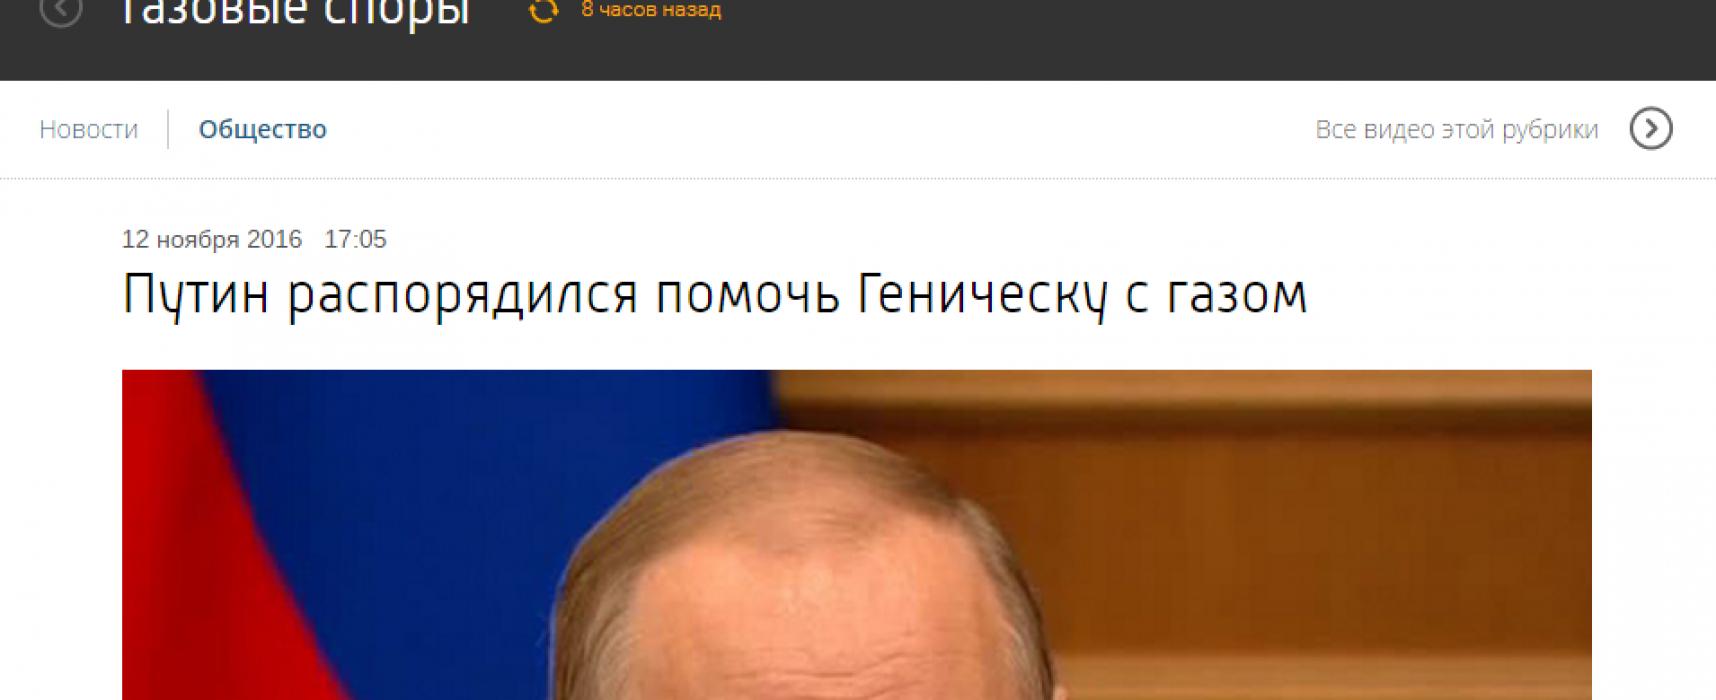 Фейк: жители украинского Геническа просят у Путина газ